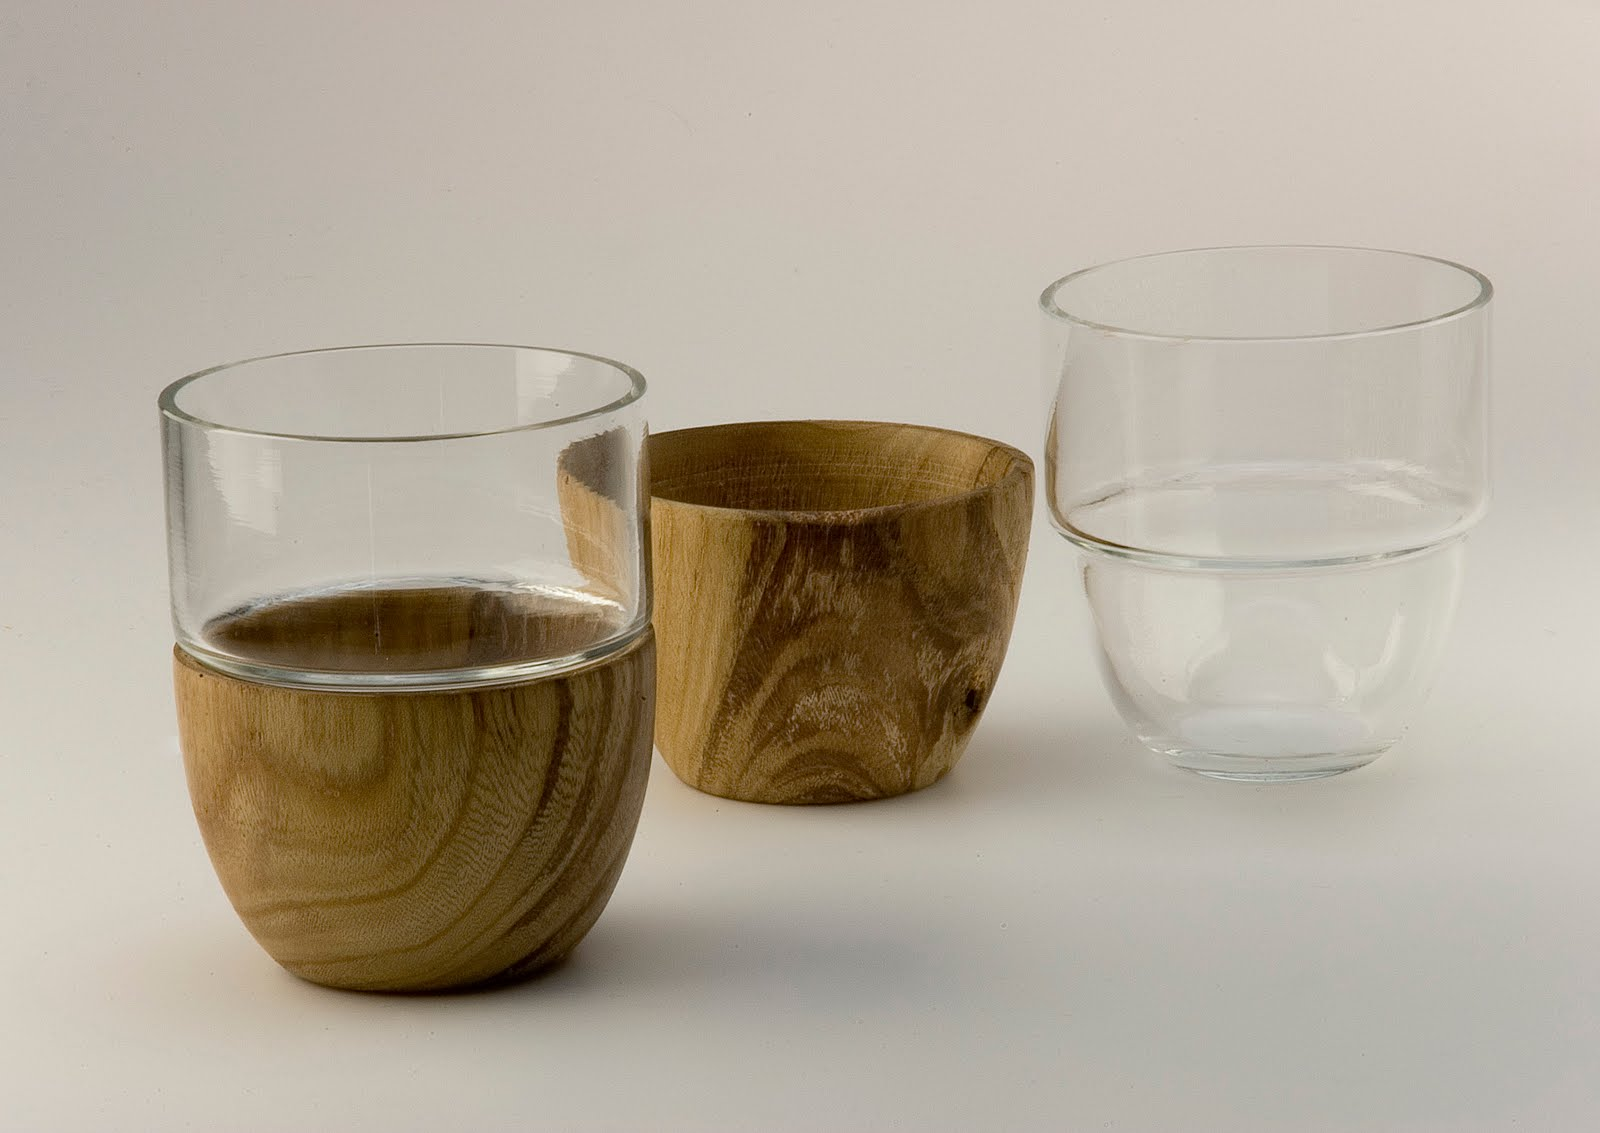 Justyna Piotrowicz: wood and glass